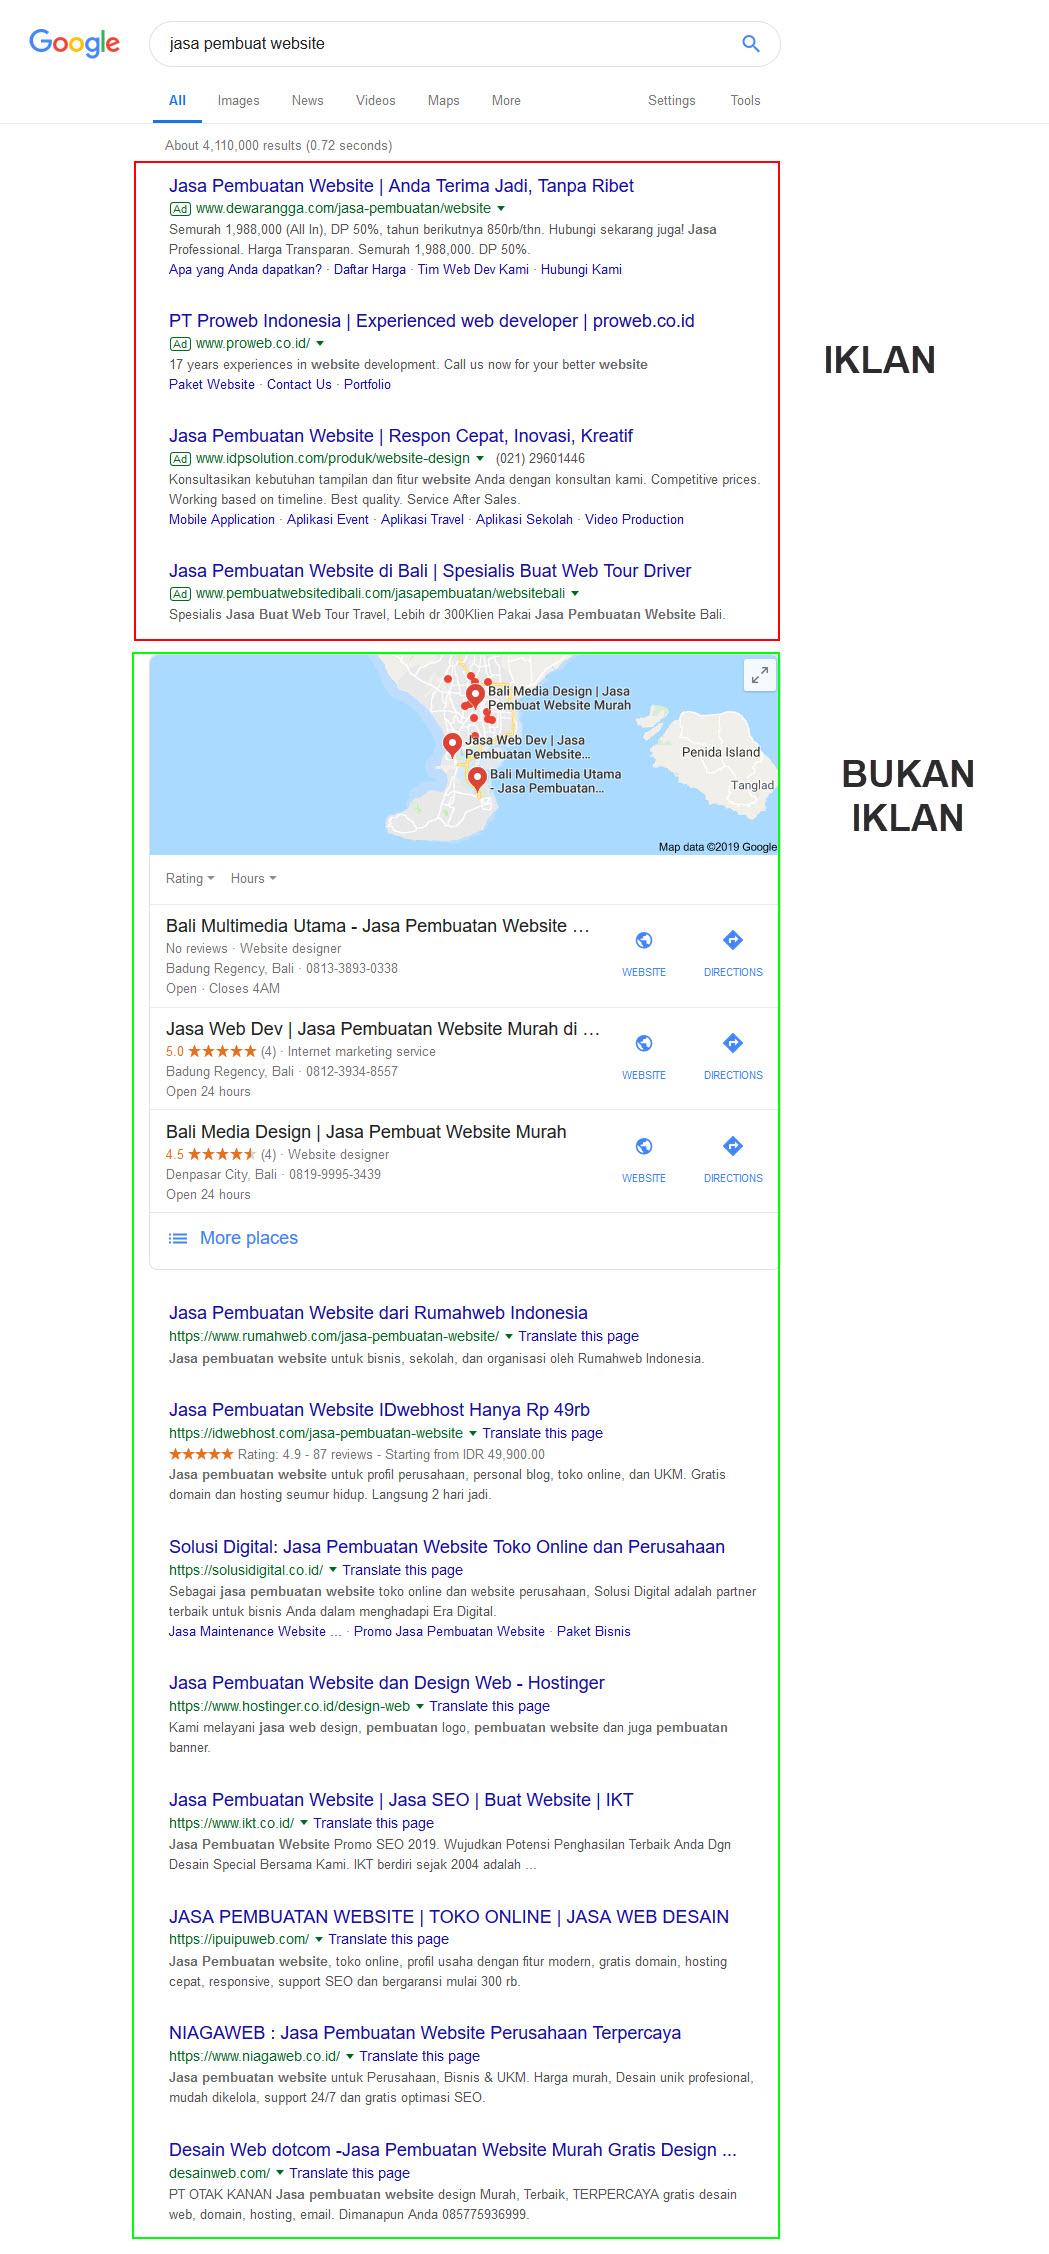 Contoh tampilan iklan teks Google Ads